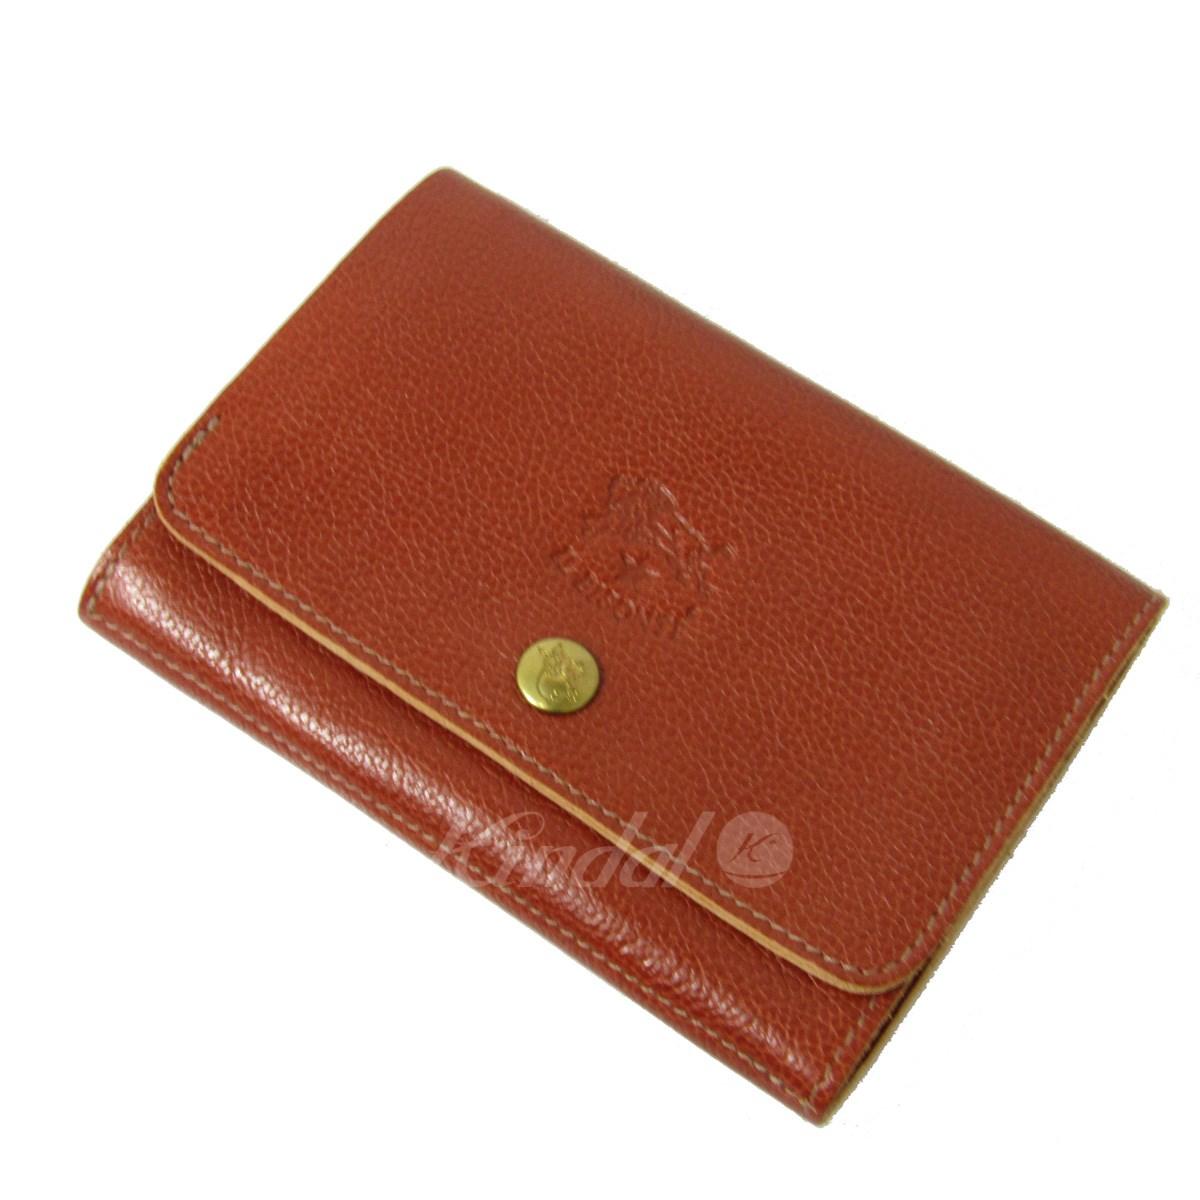 【中古】IL BISONTE 二つ折りレザー財布 C0522 【送料無料】 【022448】 【KIND1550】